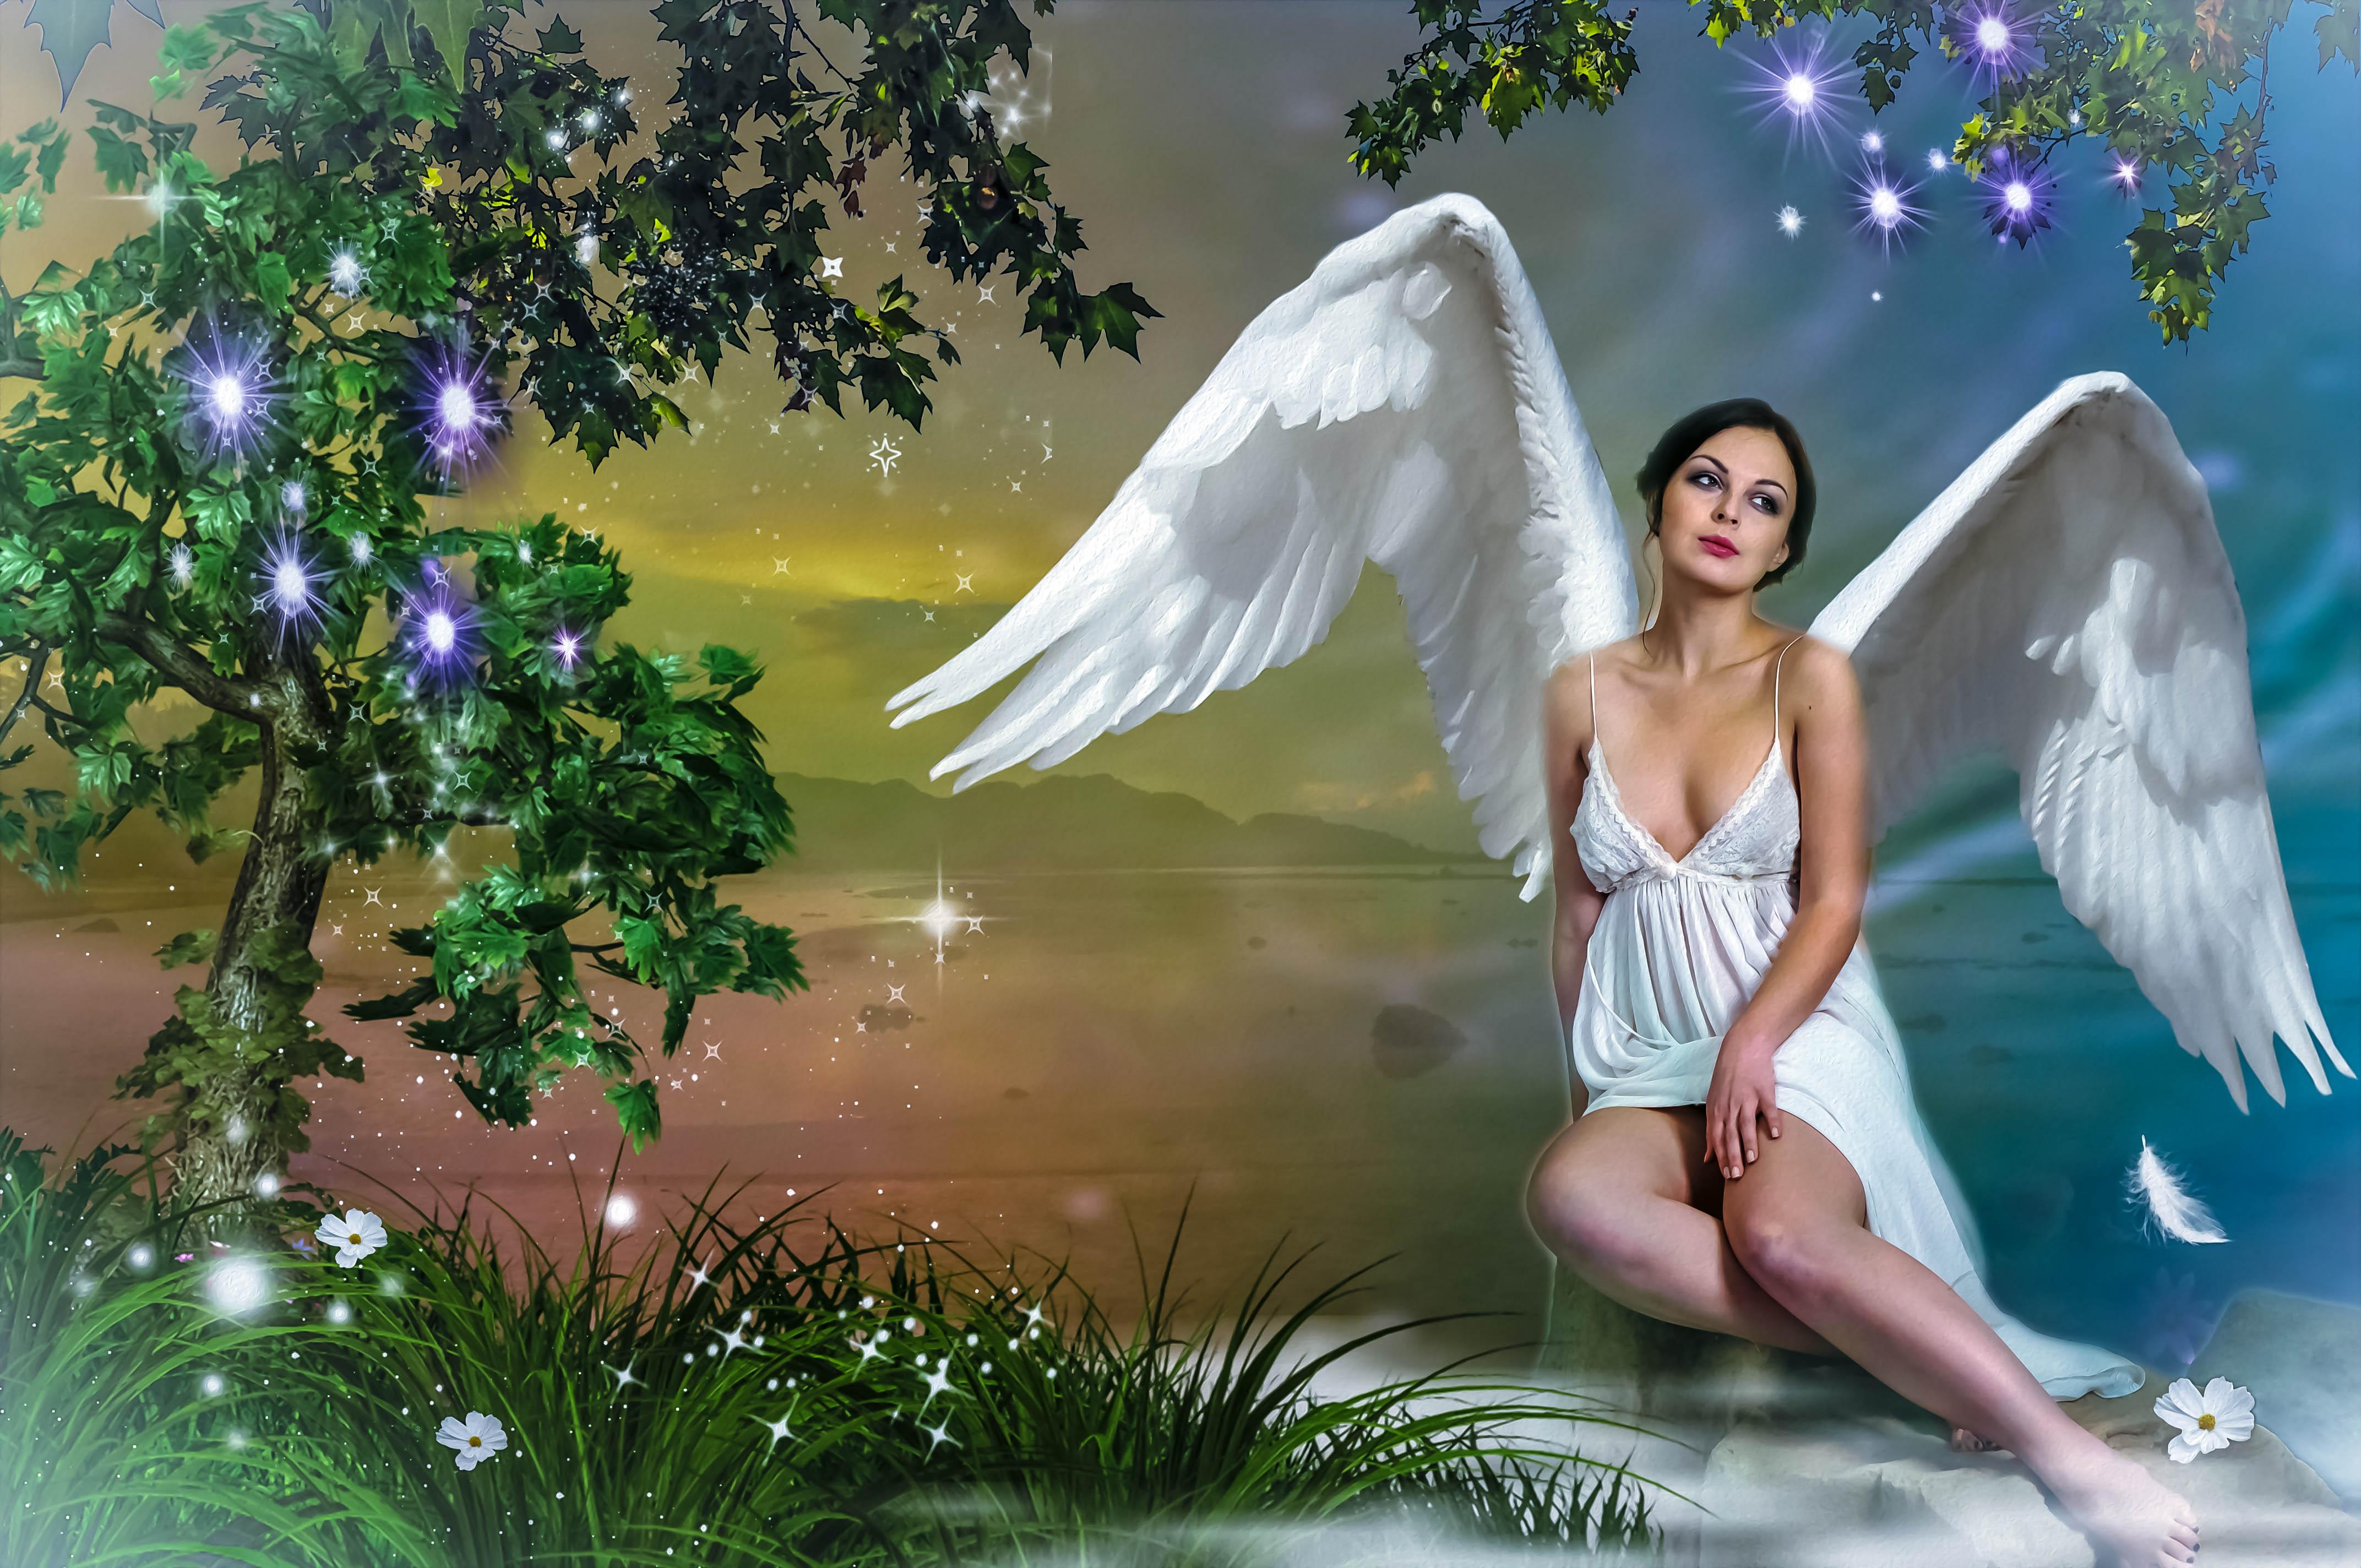 девушка, ангел, фотосессия